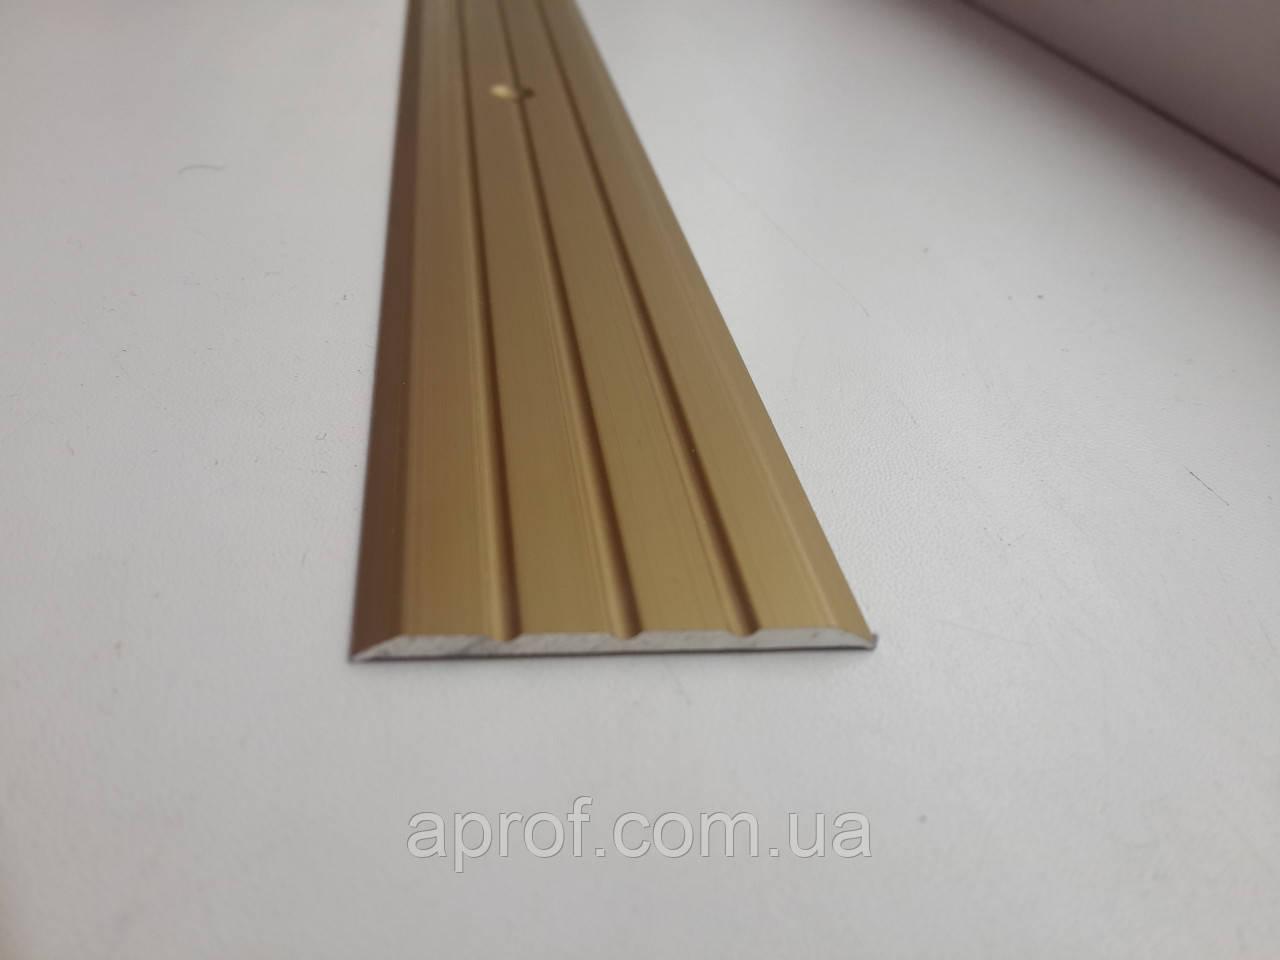 """Алюминиевый порожек (ширина 40 мм), длина - 2.7м, анодированный """"Золото"""""""